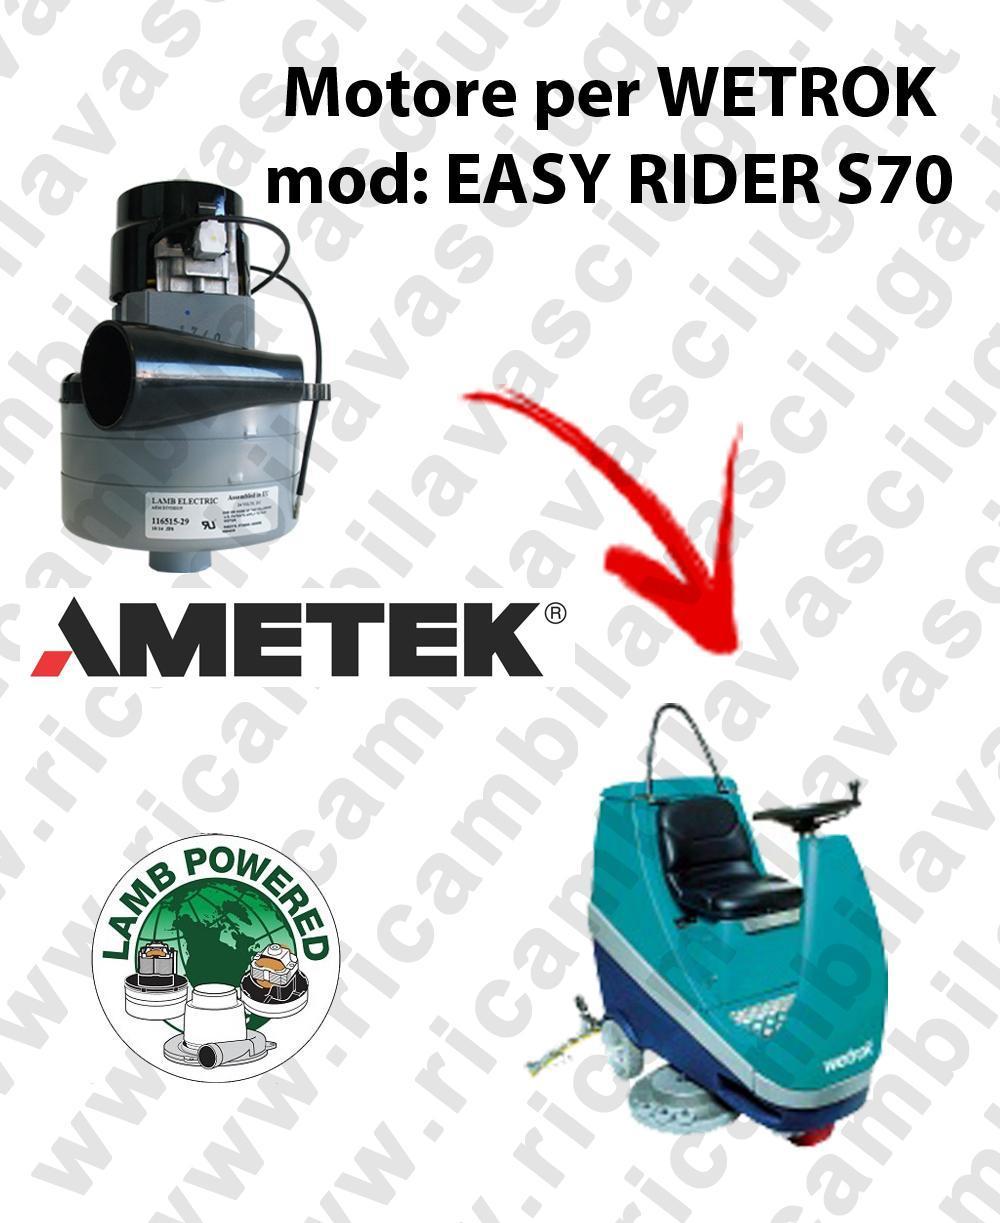 EASY RIDER S70 MOTEUR ASPIRATION LAMB AMATEK pour autolaveuses WETROK